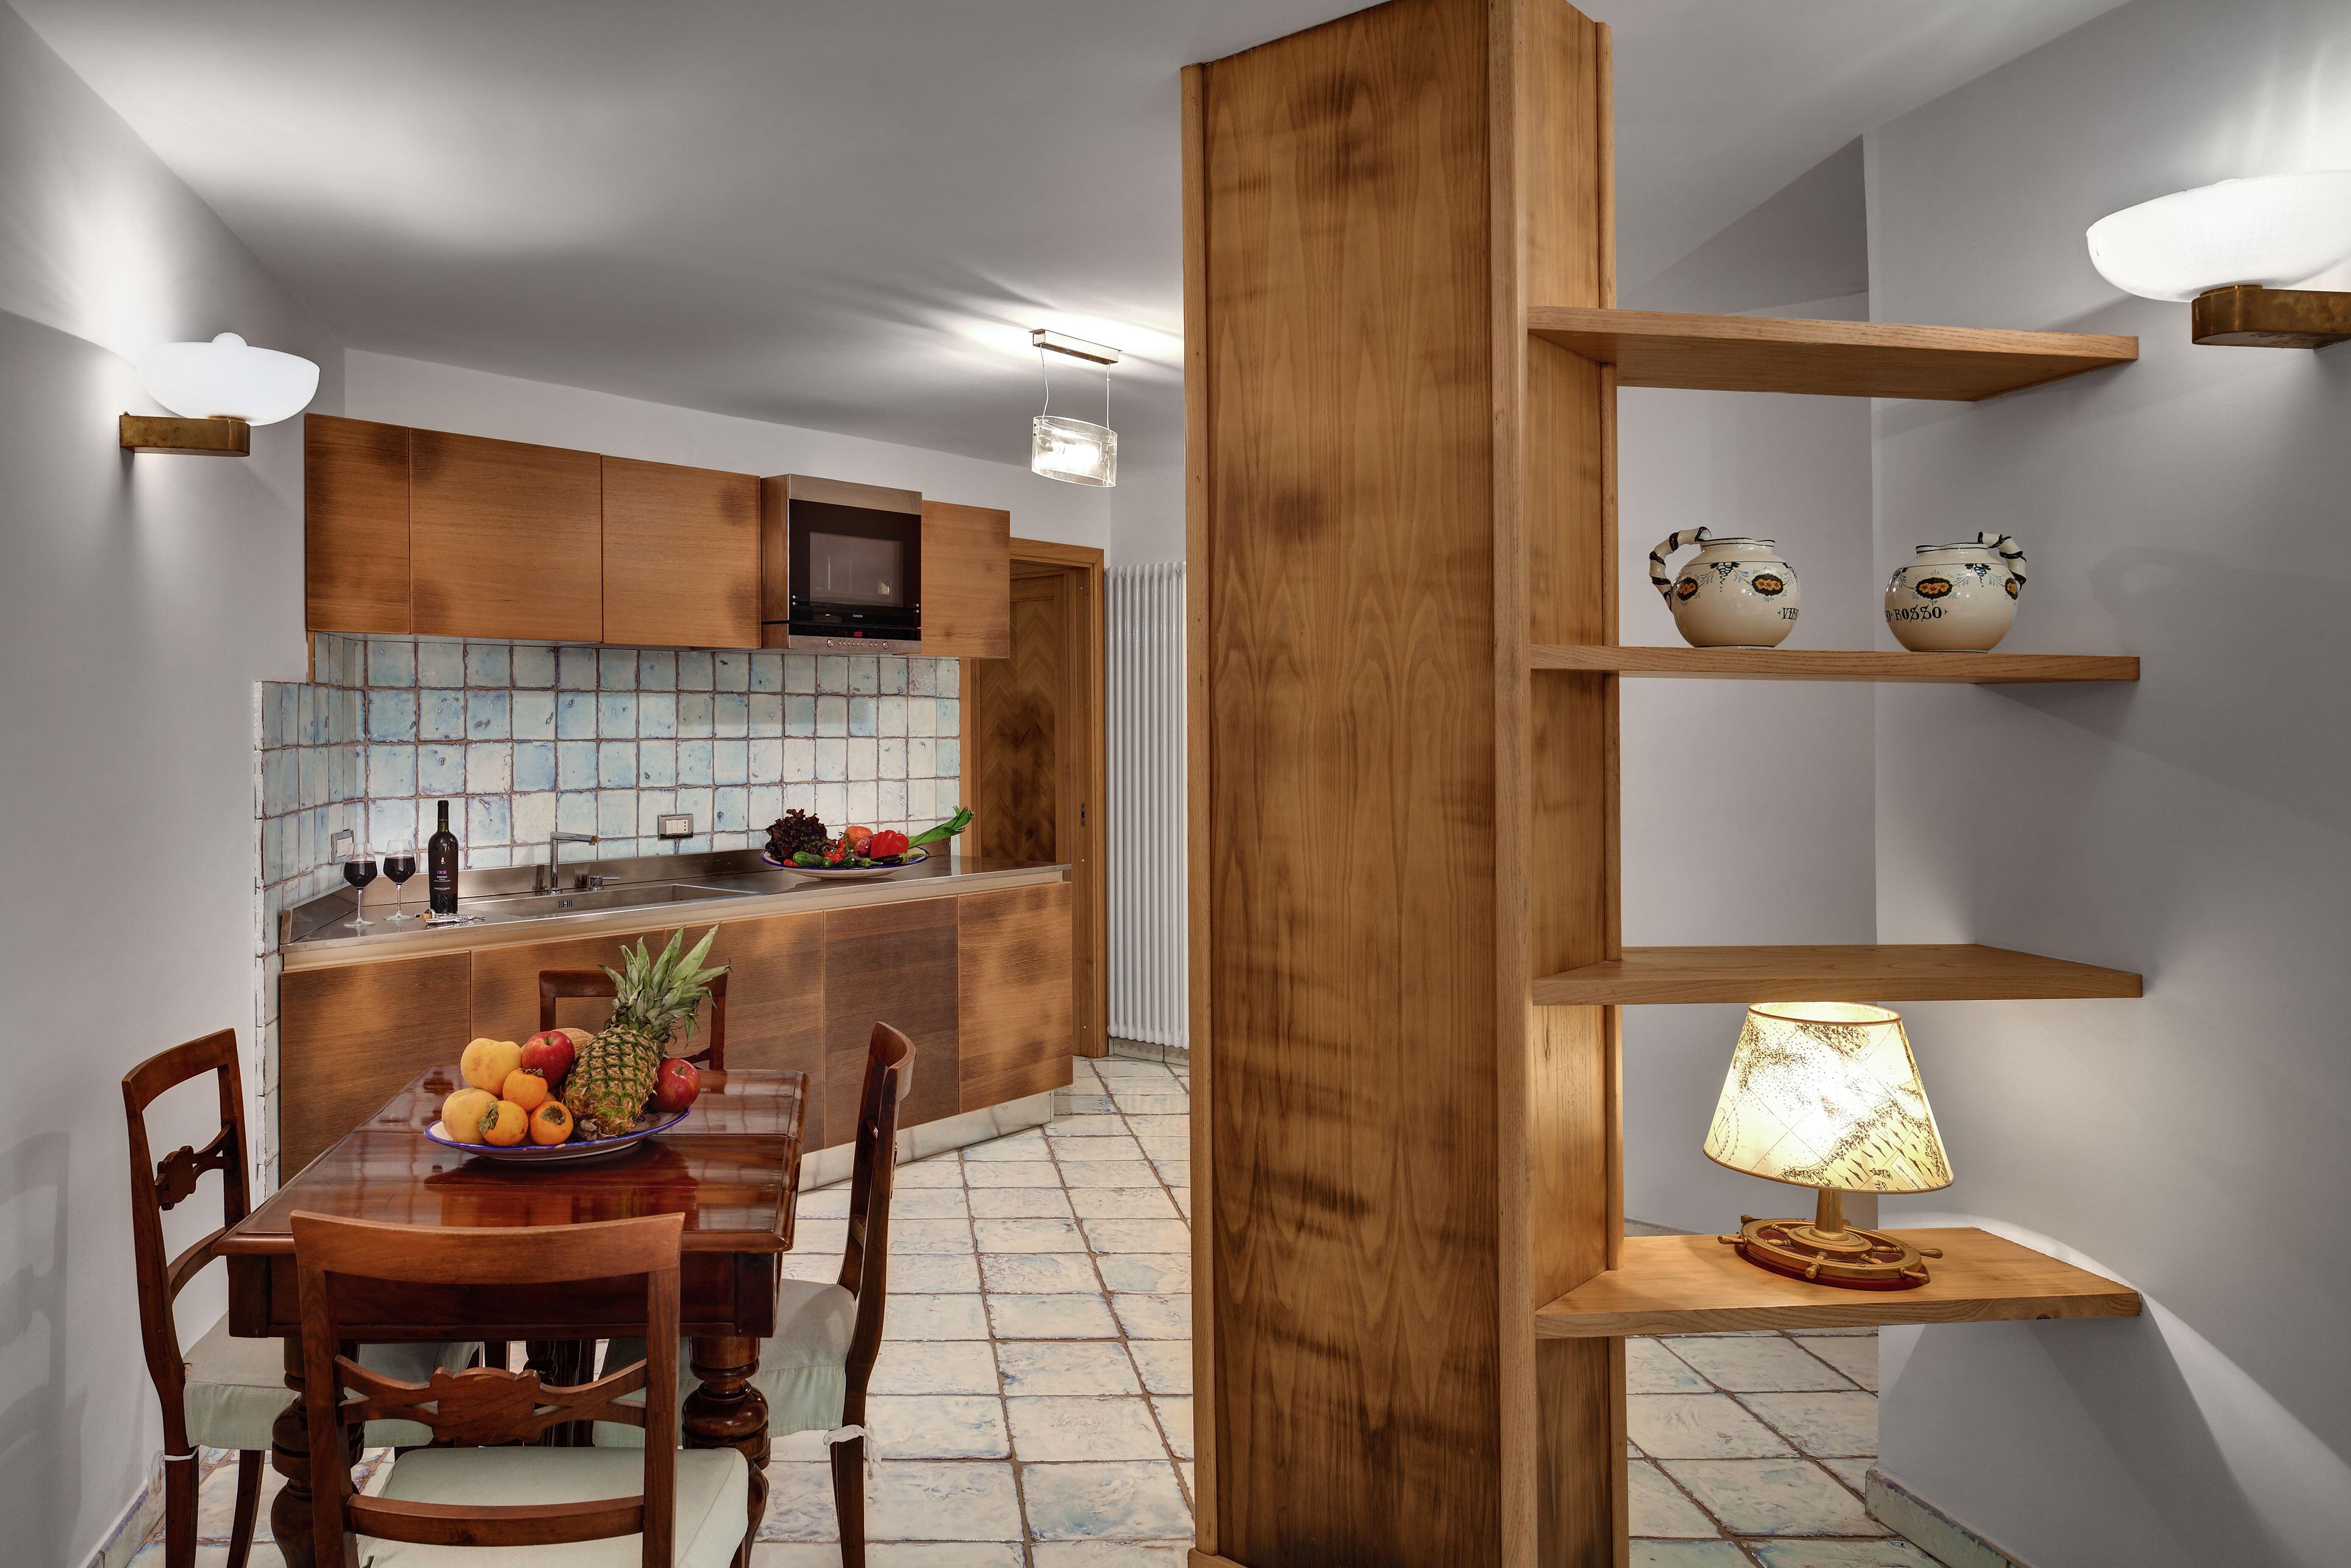 Apartment Villa Vesuvio - Luxury and Beauty photo 25033401